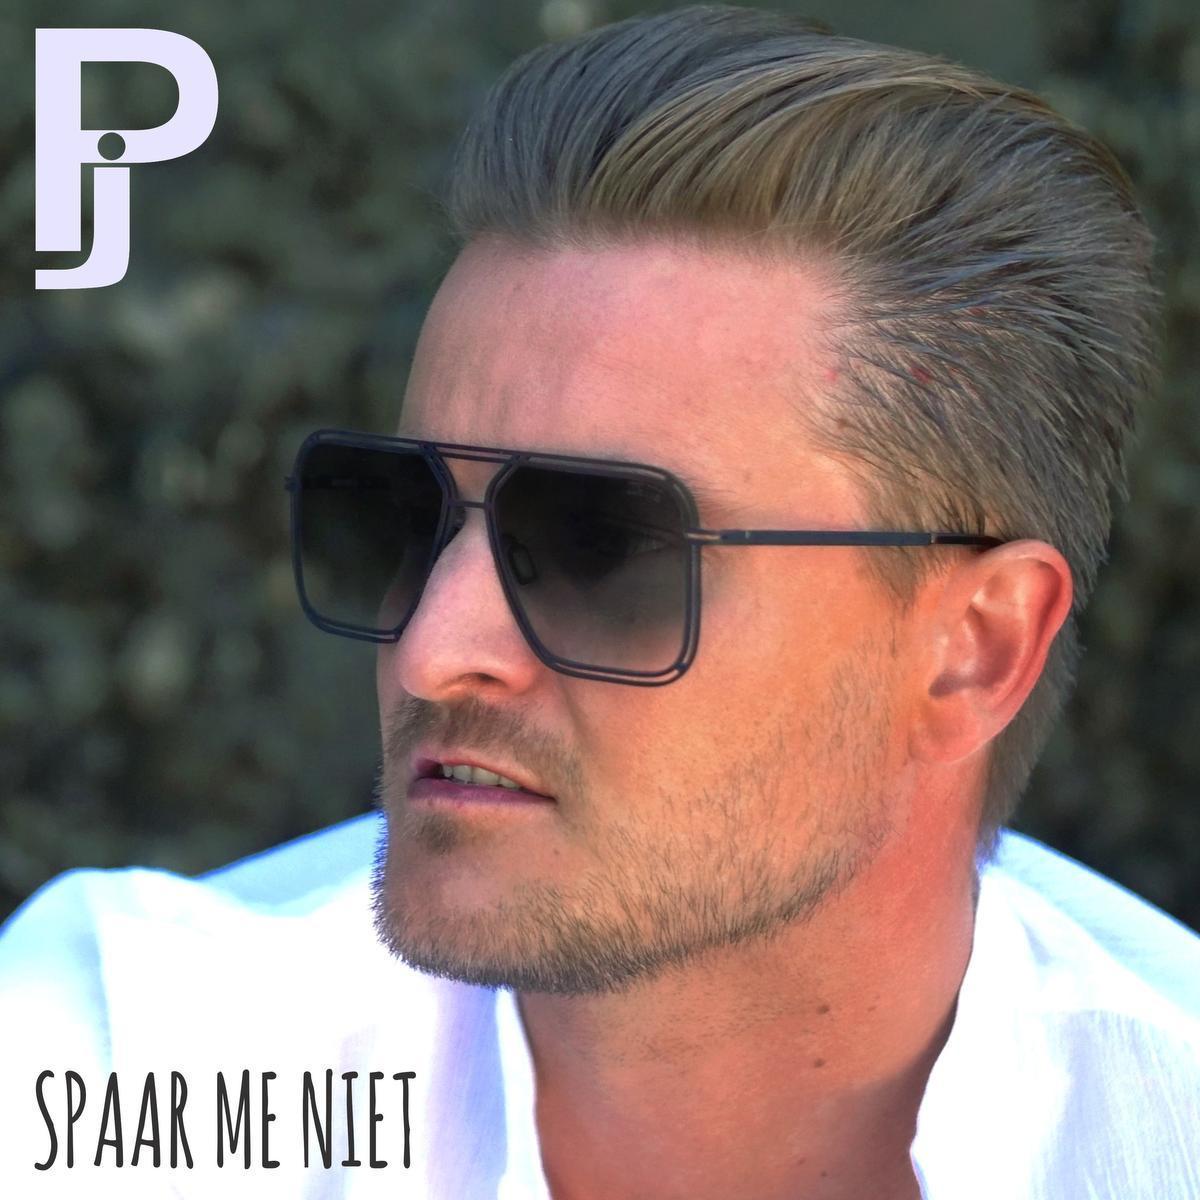 PJ zingt tweede single 'Spaar me niet' in Den Arc in Waregem